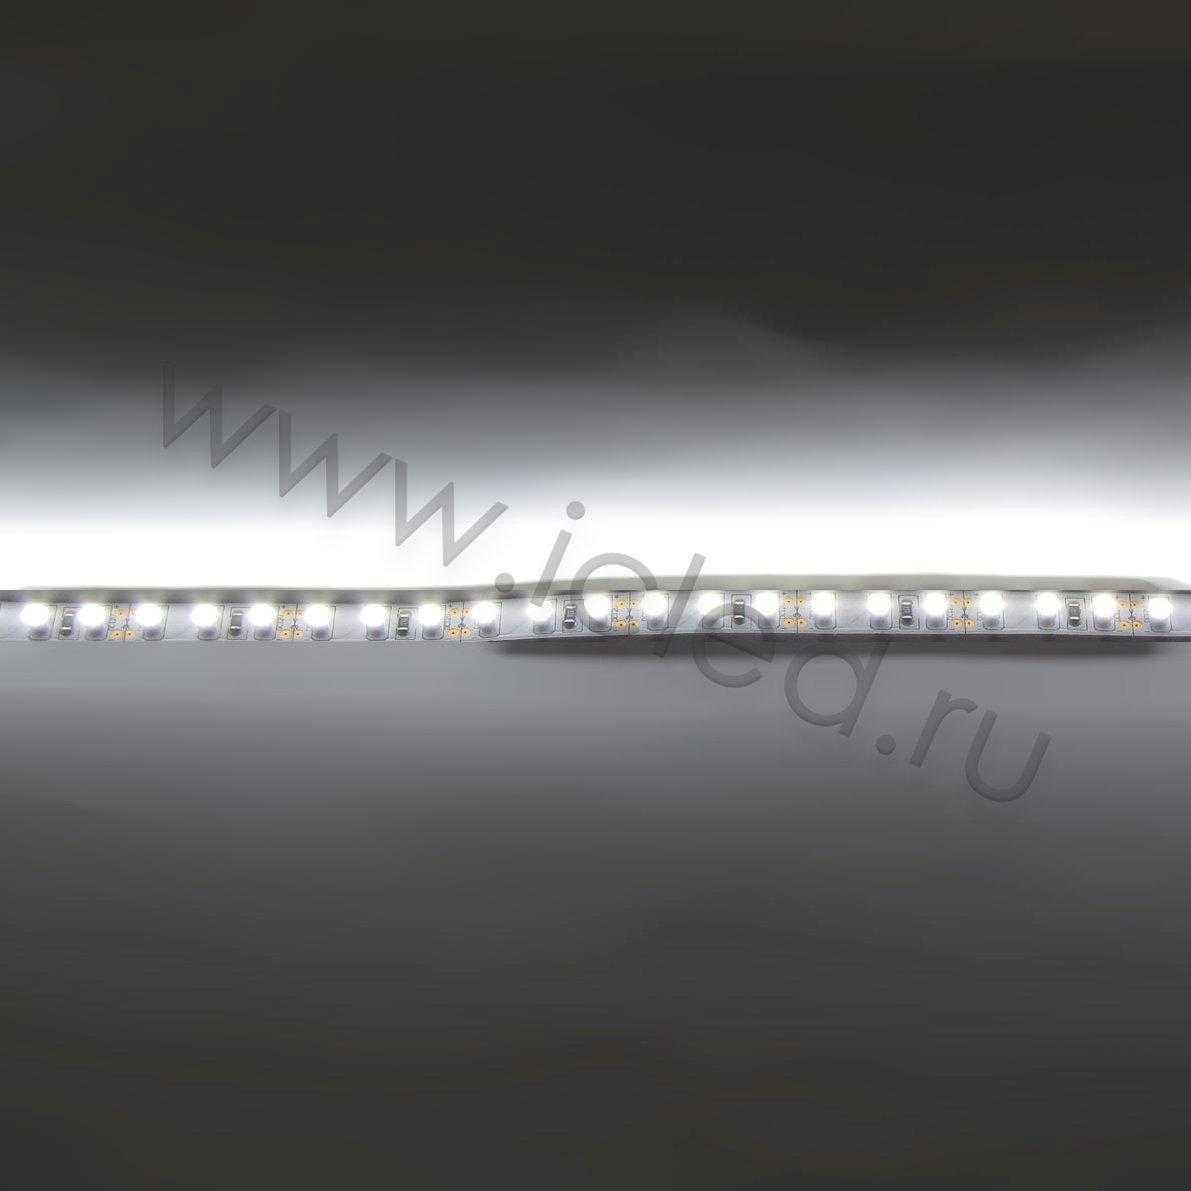 Светодиодная лента Class B, 3528, 120 led/m, White,12V, IP33